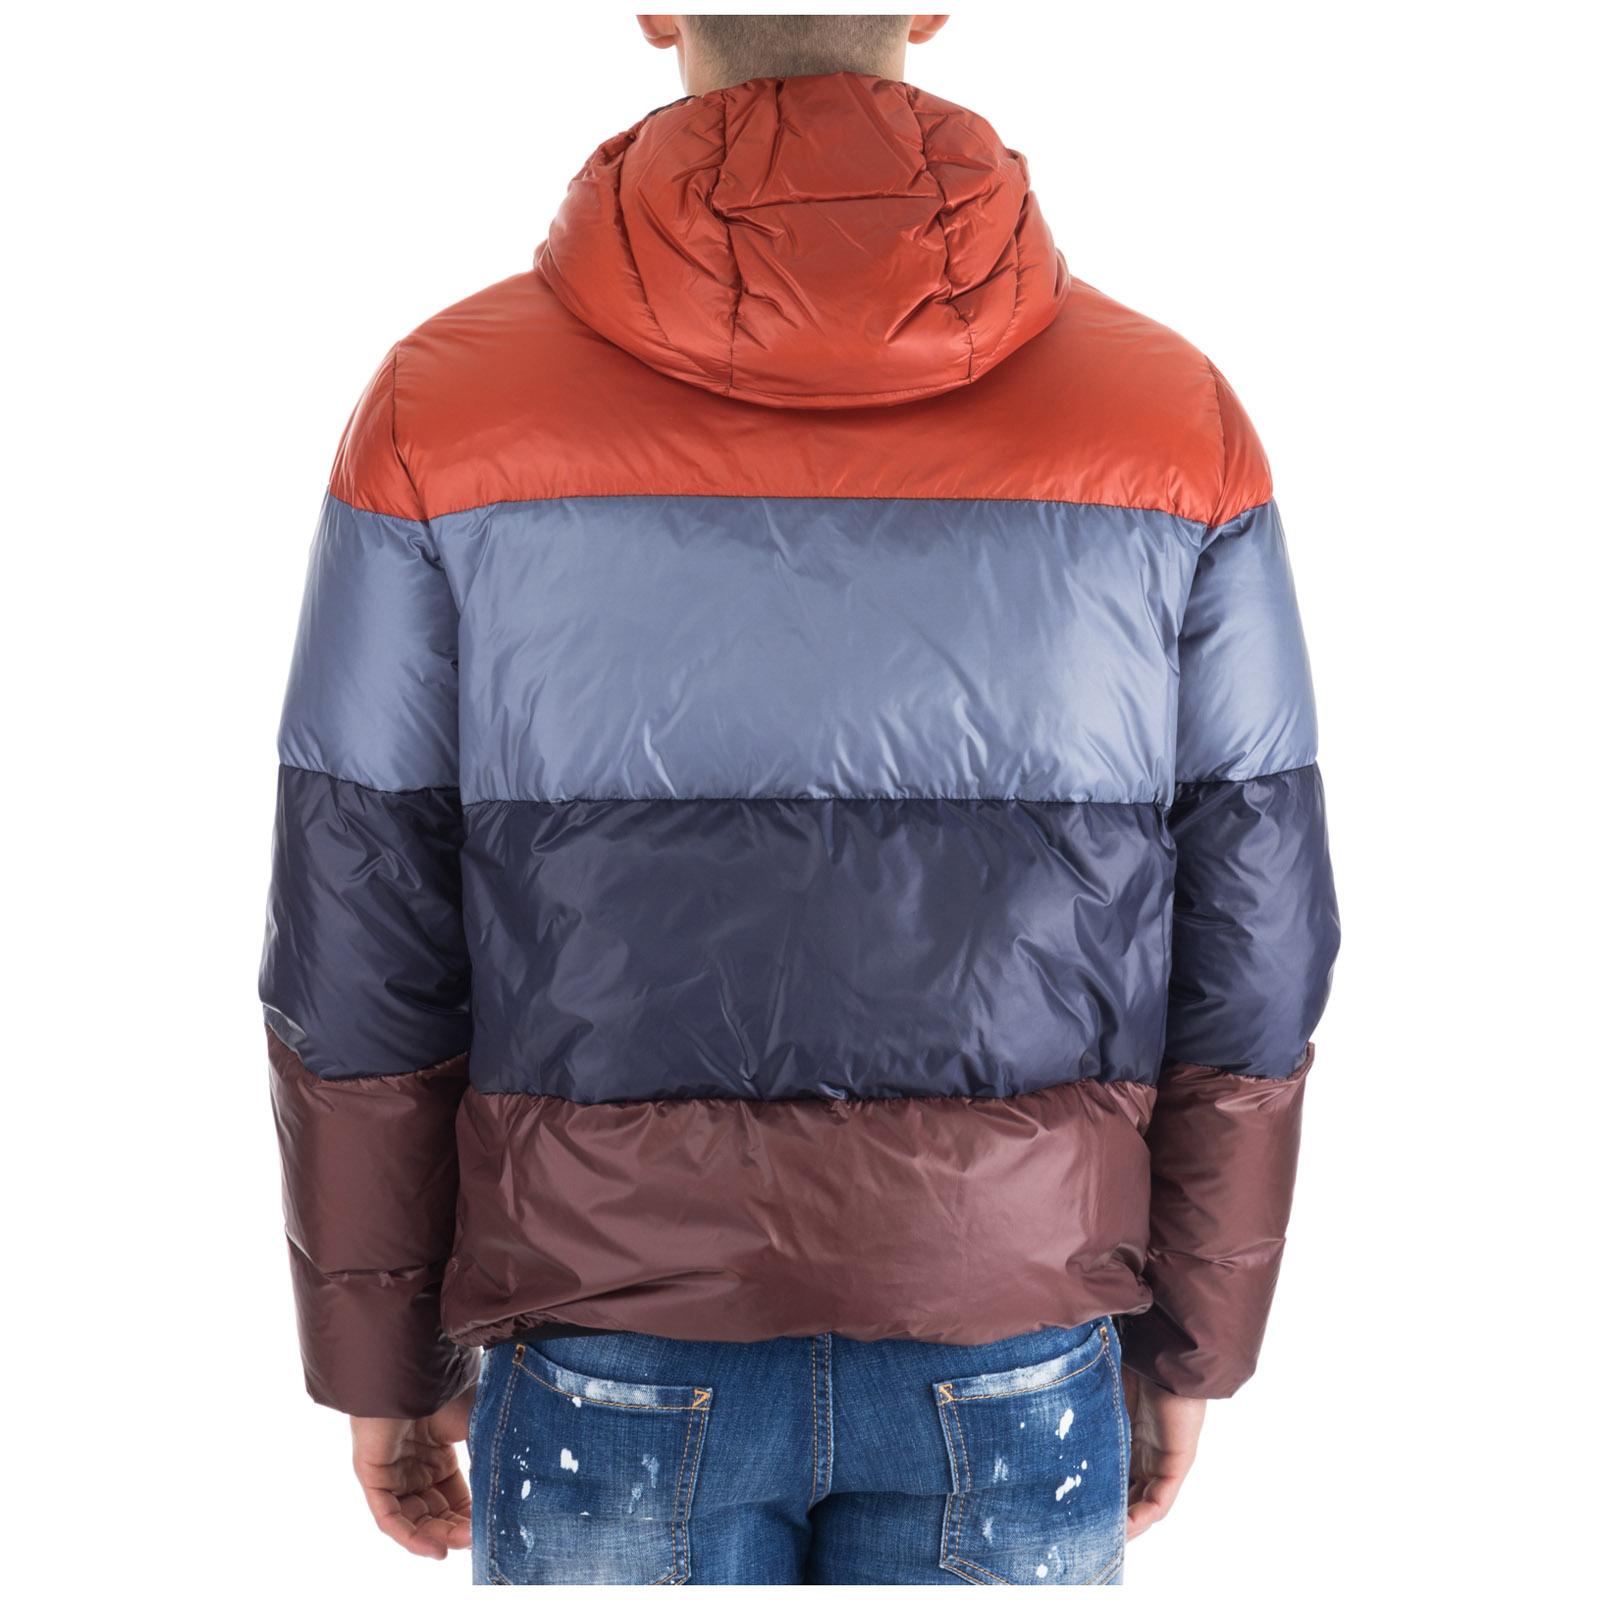 Men's outerwear down jacket blouson hood hooded